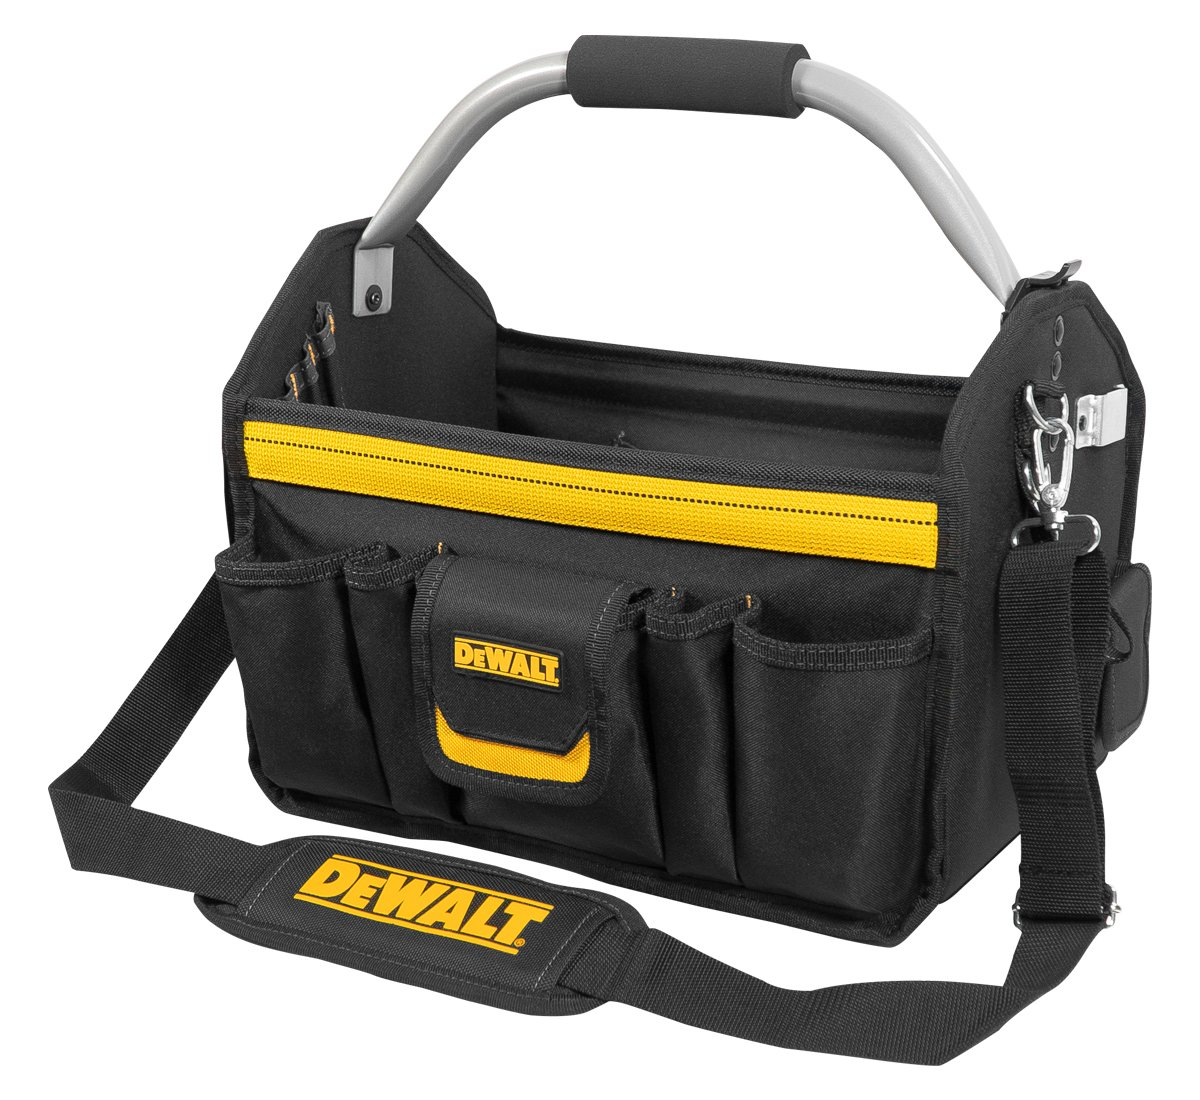 DEWALT DG5587 Open Top Tool Carrier, 14 in., 23 Pocket